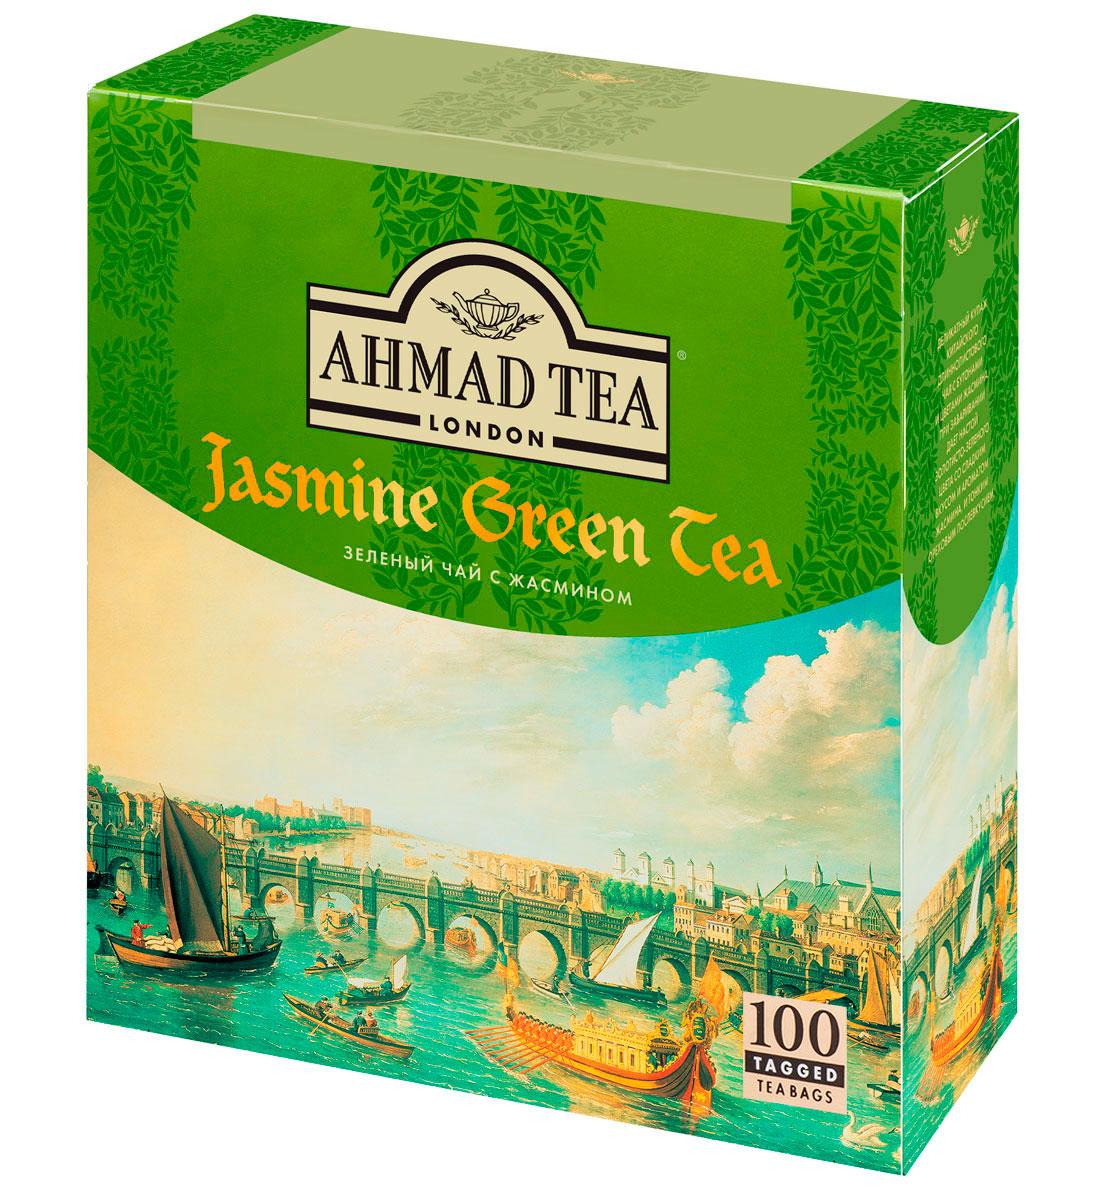 Ahmad Tea зеленый чай с жасмином в пакетиках, 100 шт475Ahmad Jasmine Green Tea - деликатный купаж китайского длиннолистового чая с бутонами и цветами жасмина. При заваривании дает настой золотисто-зеленого цвета со сладким вкусом и ароматом жасмина, и тонким ореховым послевкусием. Заваривать 3-5 минут, температура воды 90°С.